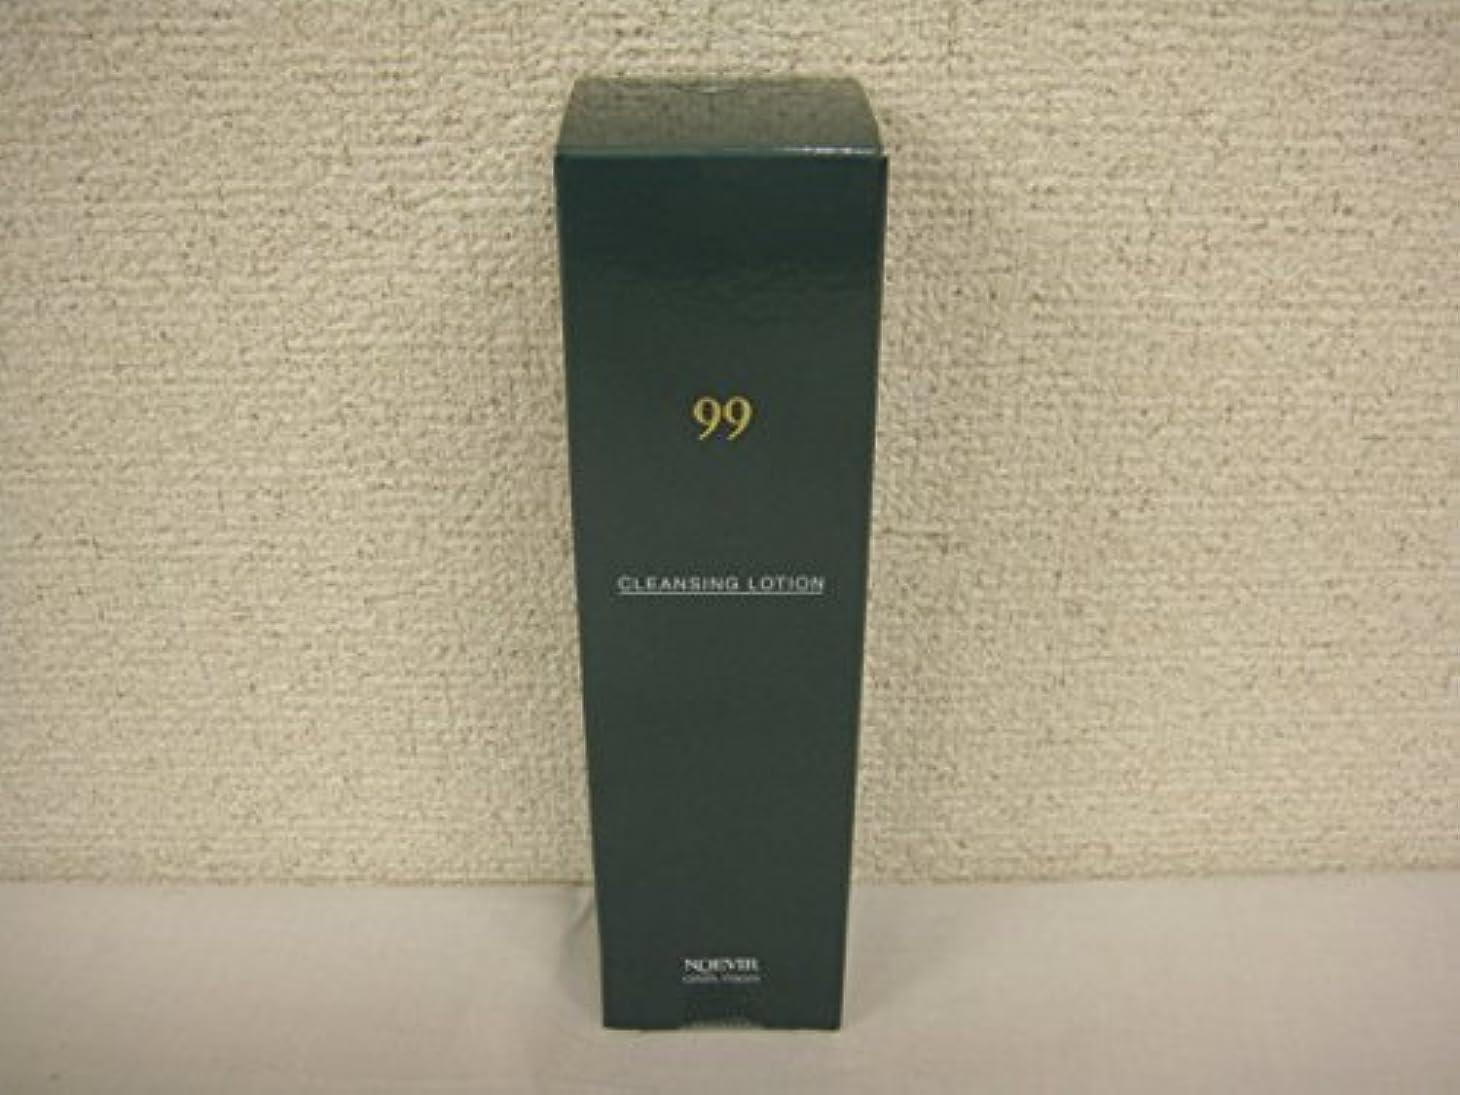 火山の青水族館ノエビア99 クレンジングローション 150ml 化粧水